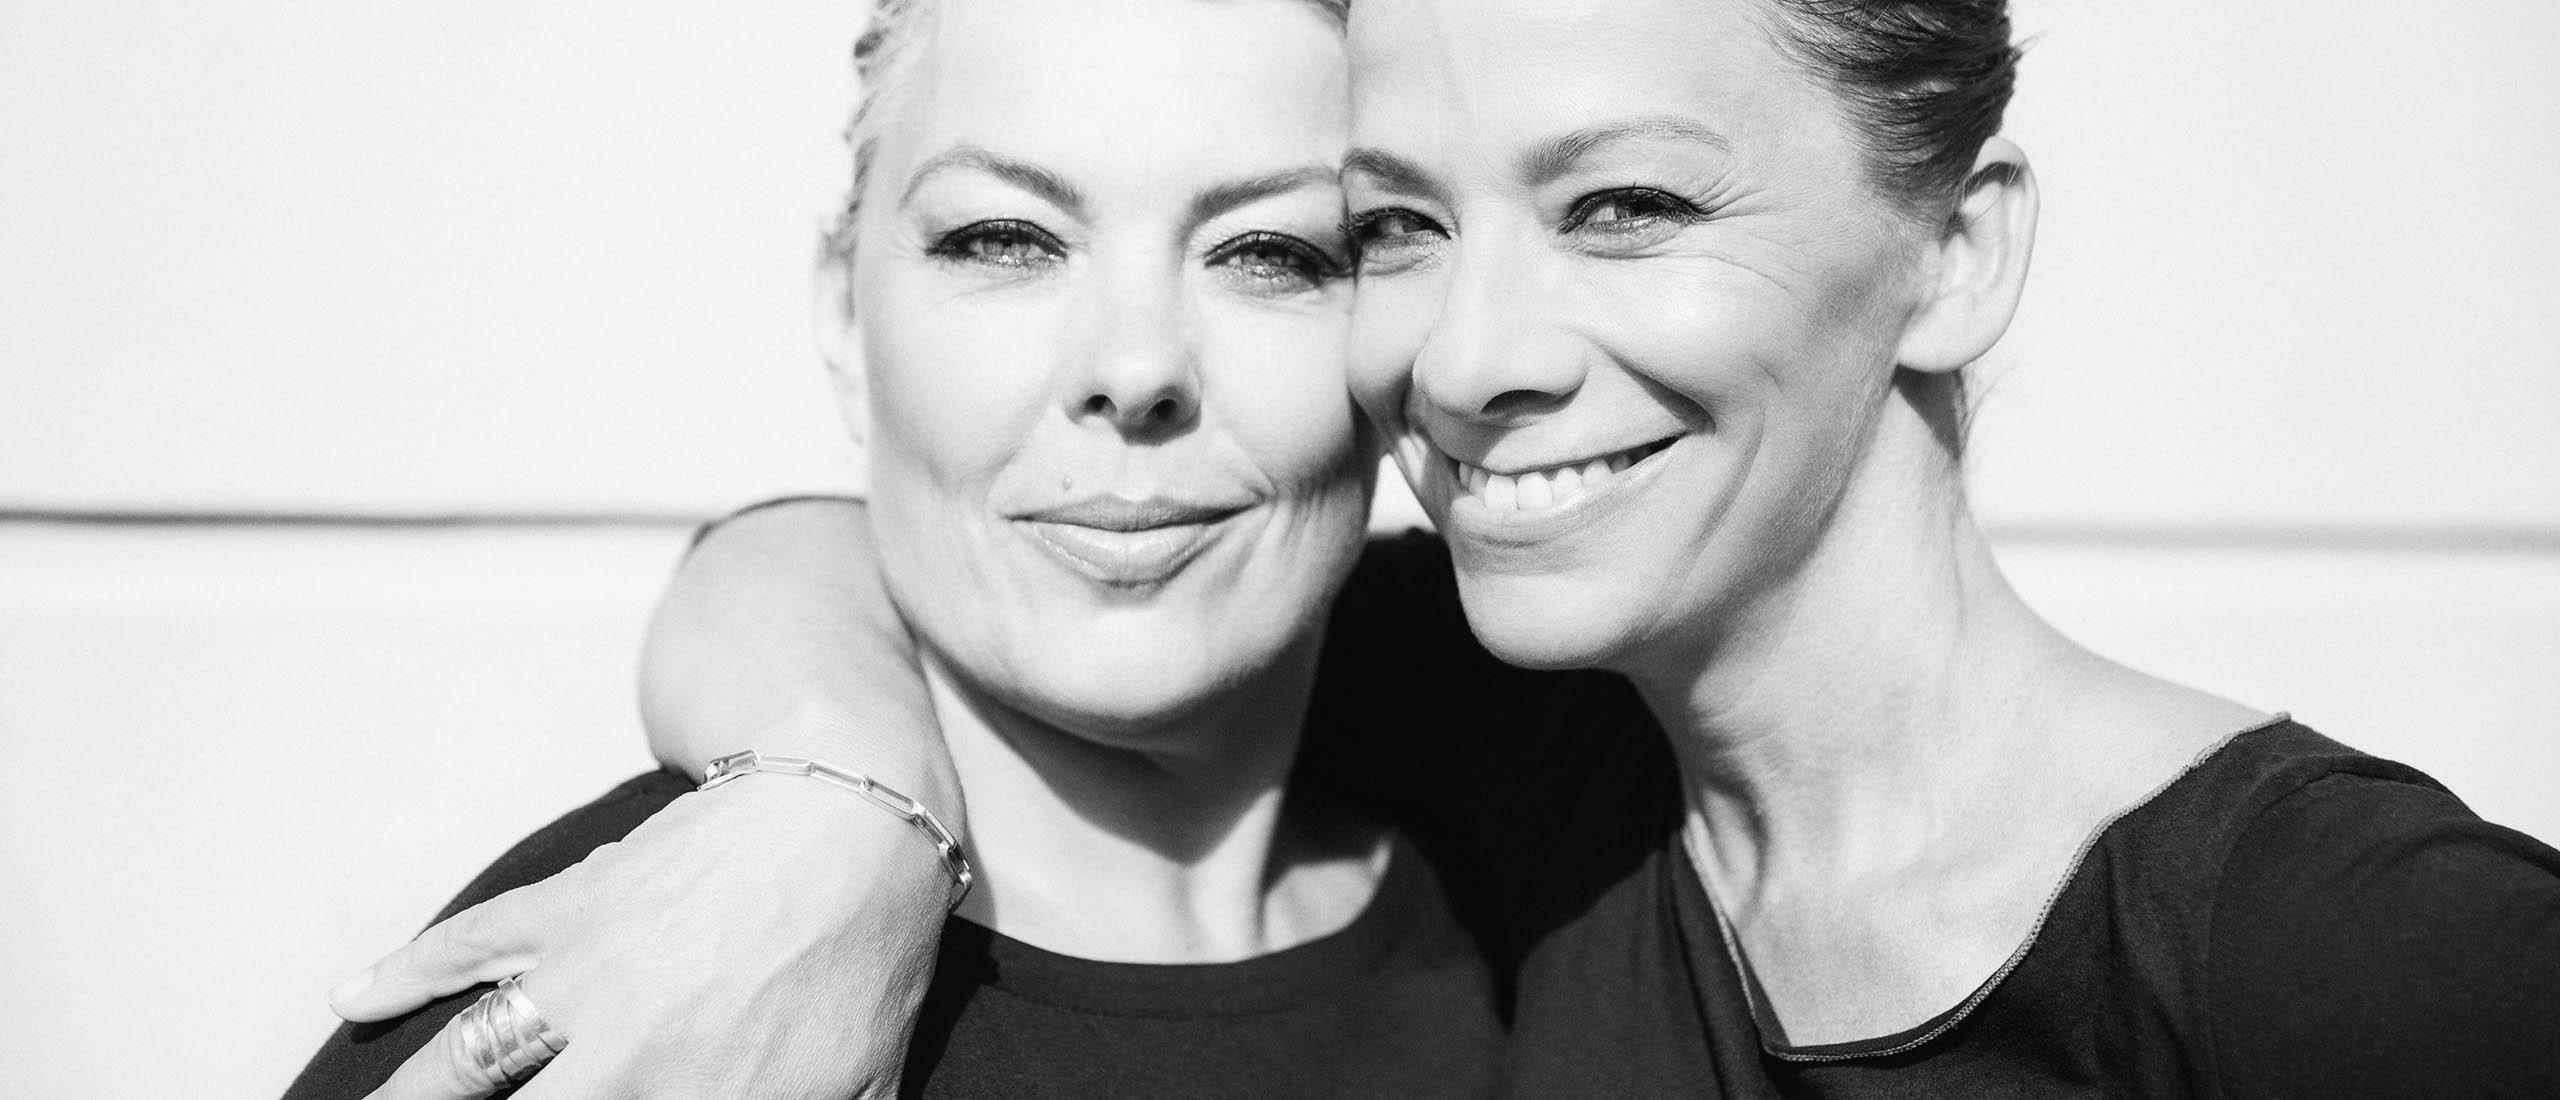 Lise & Gertrud - Nordens Institut på Åland (NIPÅ) ordnar konsert på Självstyrelsedagen 9.6